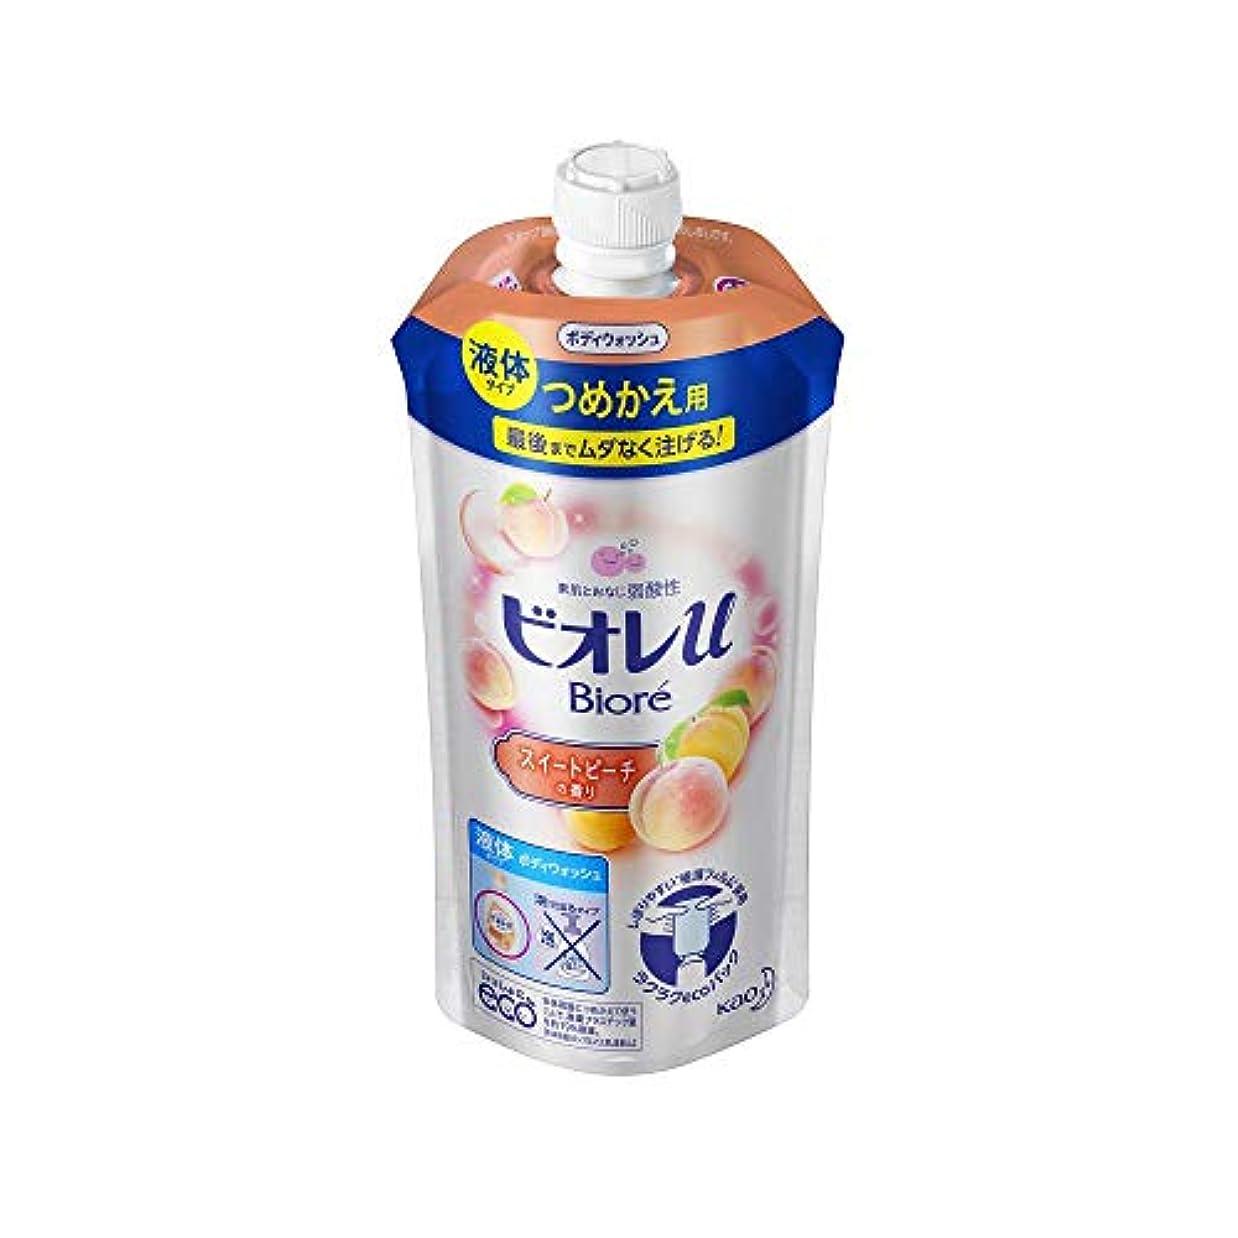 責任者艶分析的な花王 ビオレu スイートピーチの香りつめかえ用 340ML